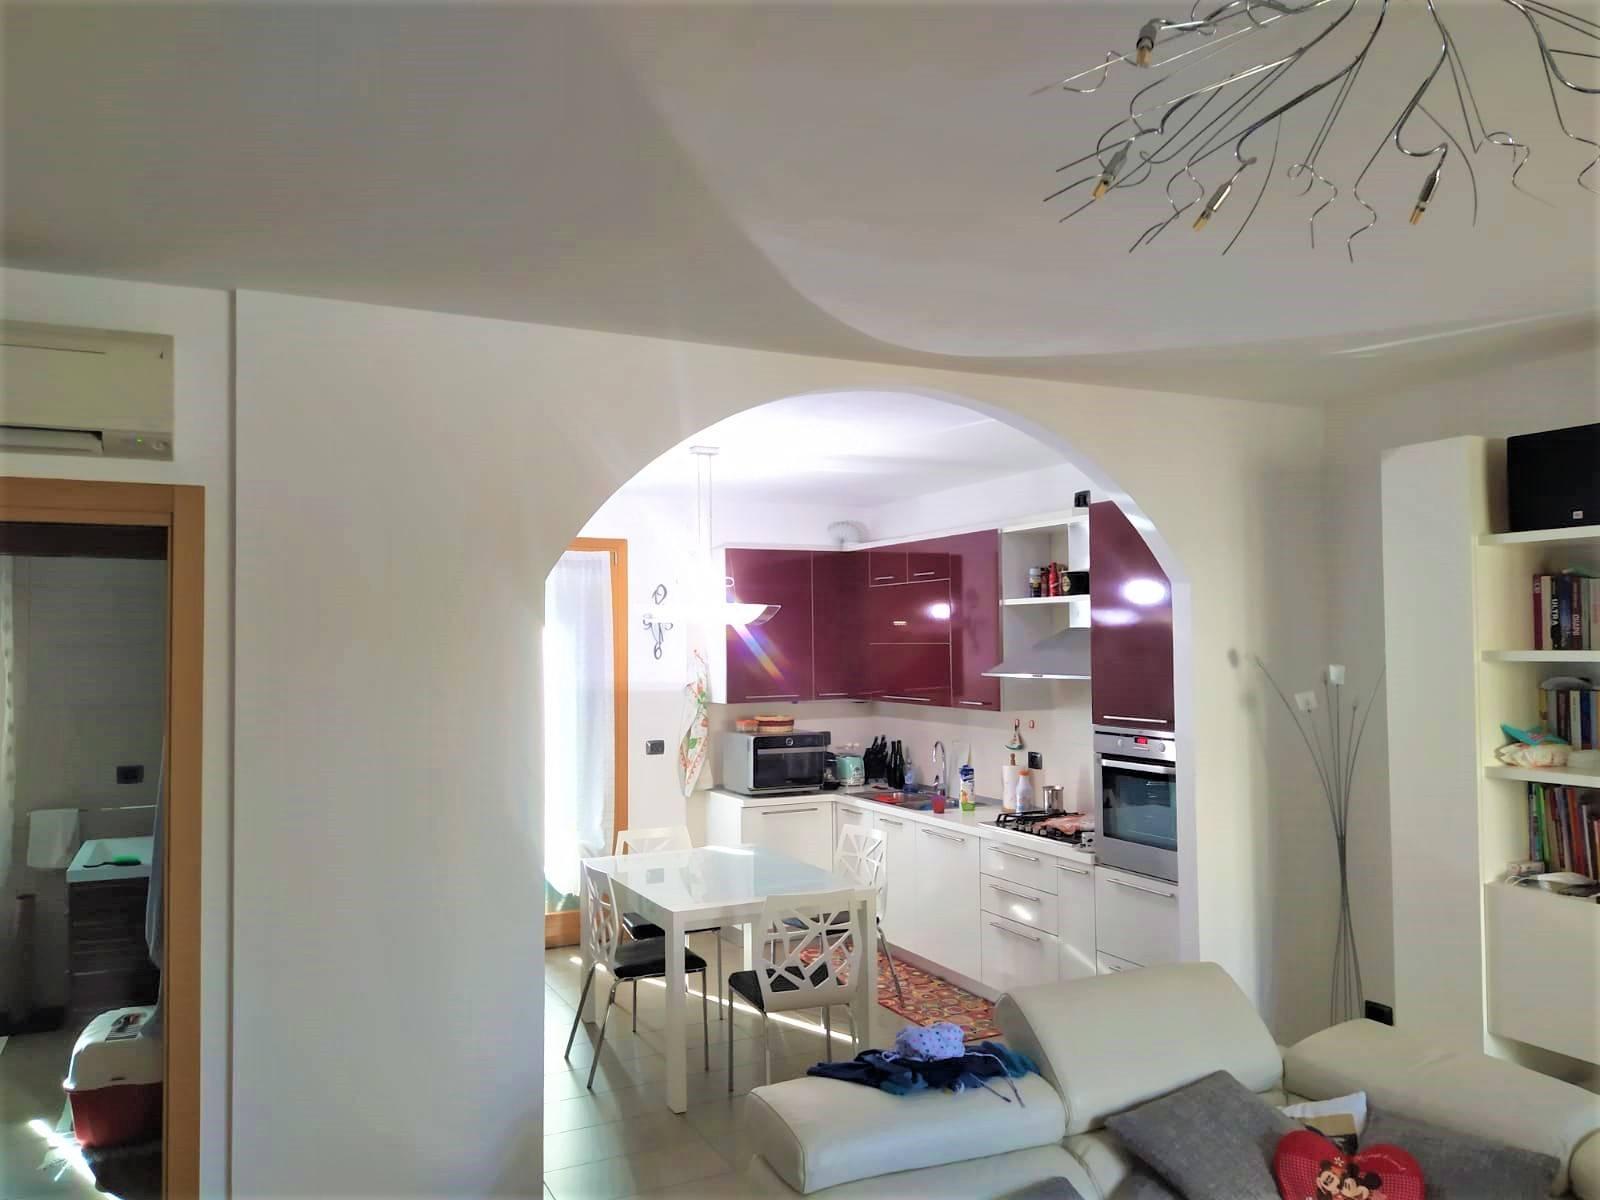 Appartamento in vendita a Marcon, 8 locali, zona Località: SanLiberale, prezzo € 270.000 | PortaleAgenzieImmobiliari.it